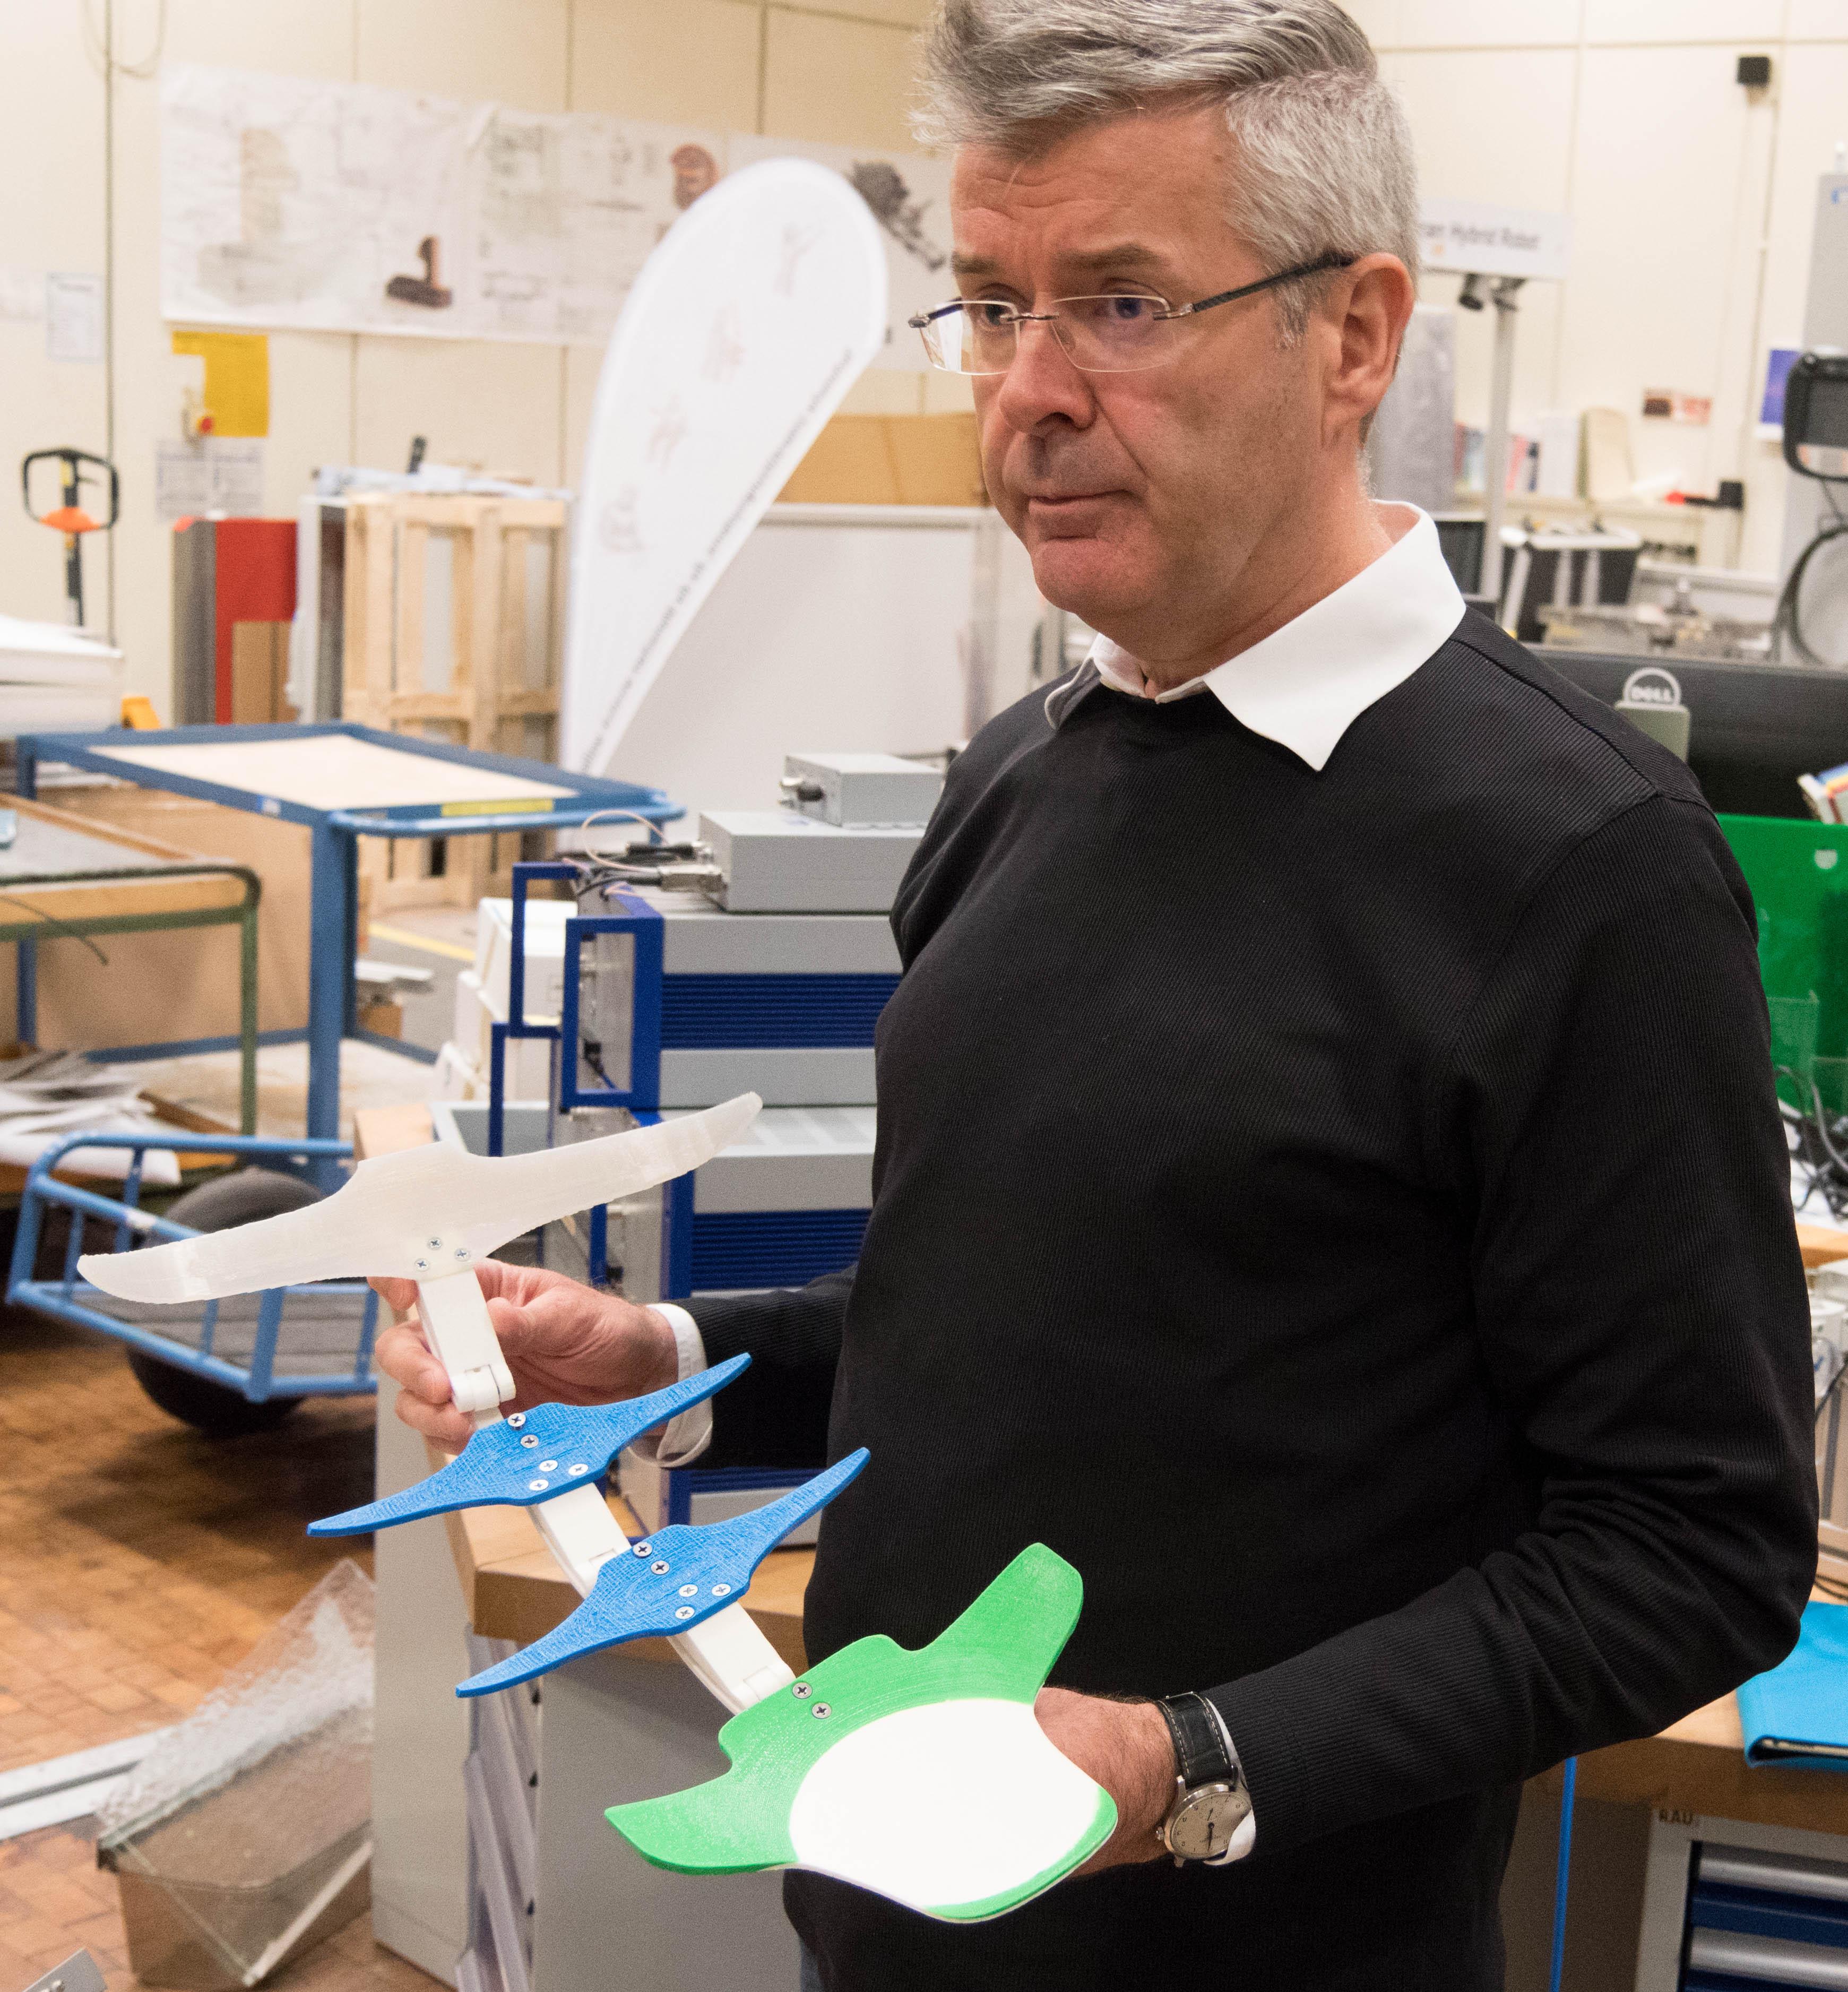 """Jens P. Wulfsberg, Leiter des Laboratoriums Fertigungstechnik (LaFT) an der Helmut-Schmidt-Universität, Hamburg: """"Wir starteten nicht mit dem Ziel Exoskelett, sondern erhielten die Aufgabe, unterstützende Komponenten zu entwickeln."""""""